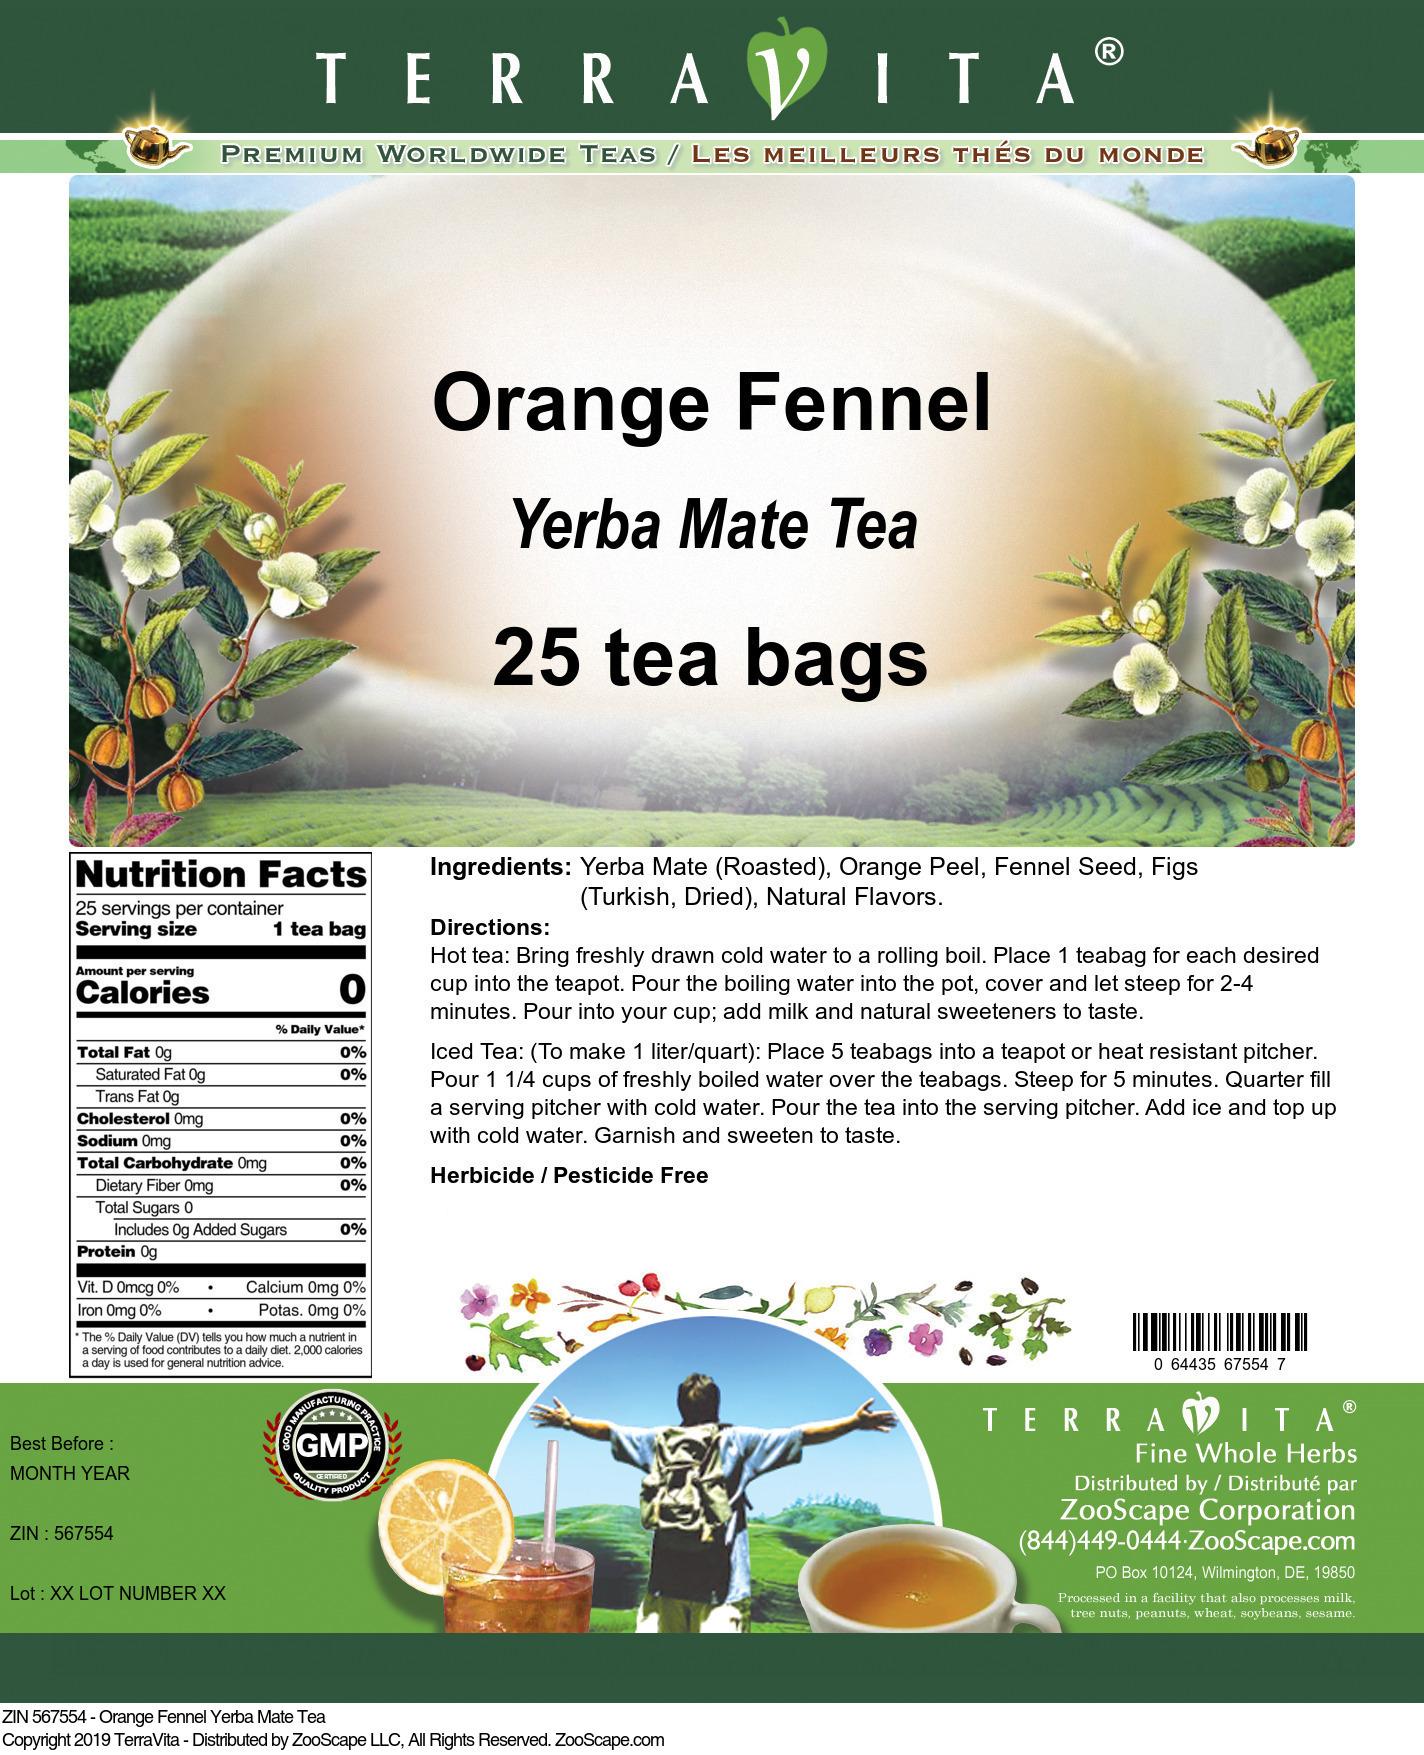 Orange Fennel Yerba Mate Tea